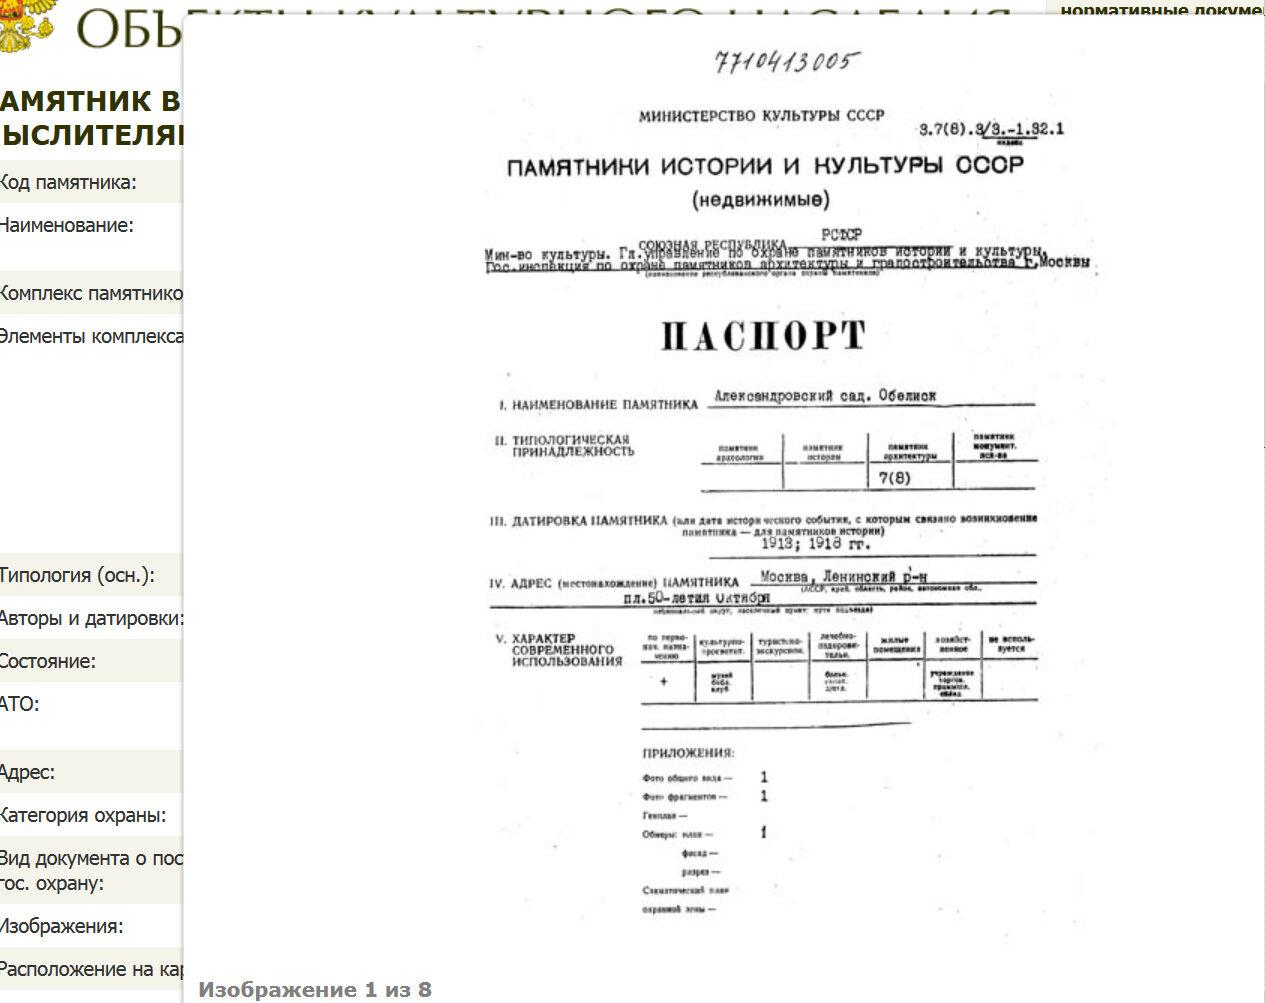 Паспорт памятника в честь 300-летия дома Романовых (с 1918 г. - памятник мыслителям и борцам за освобождение трудящихся)